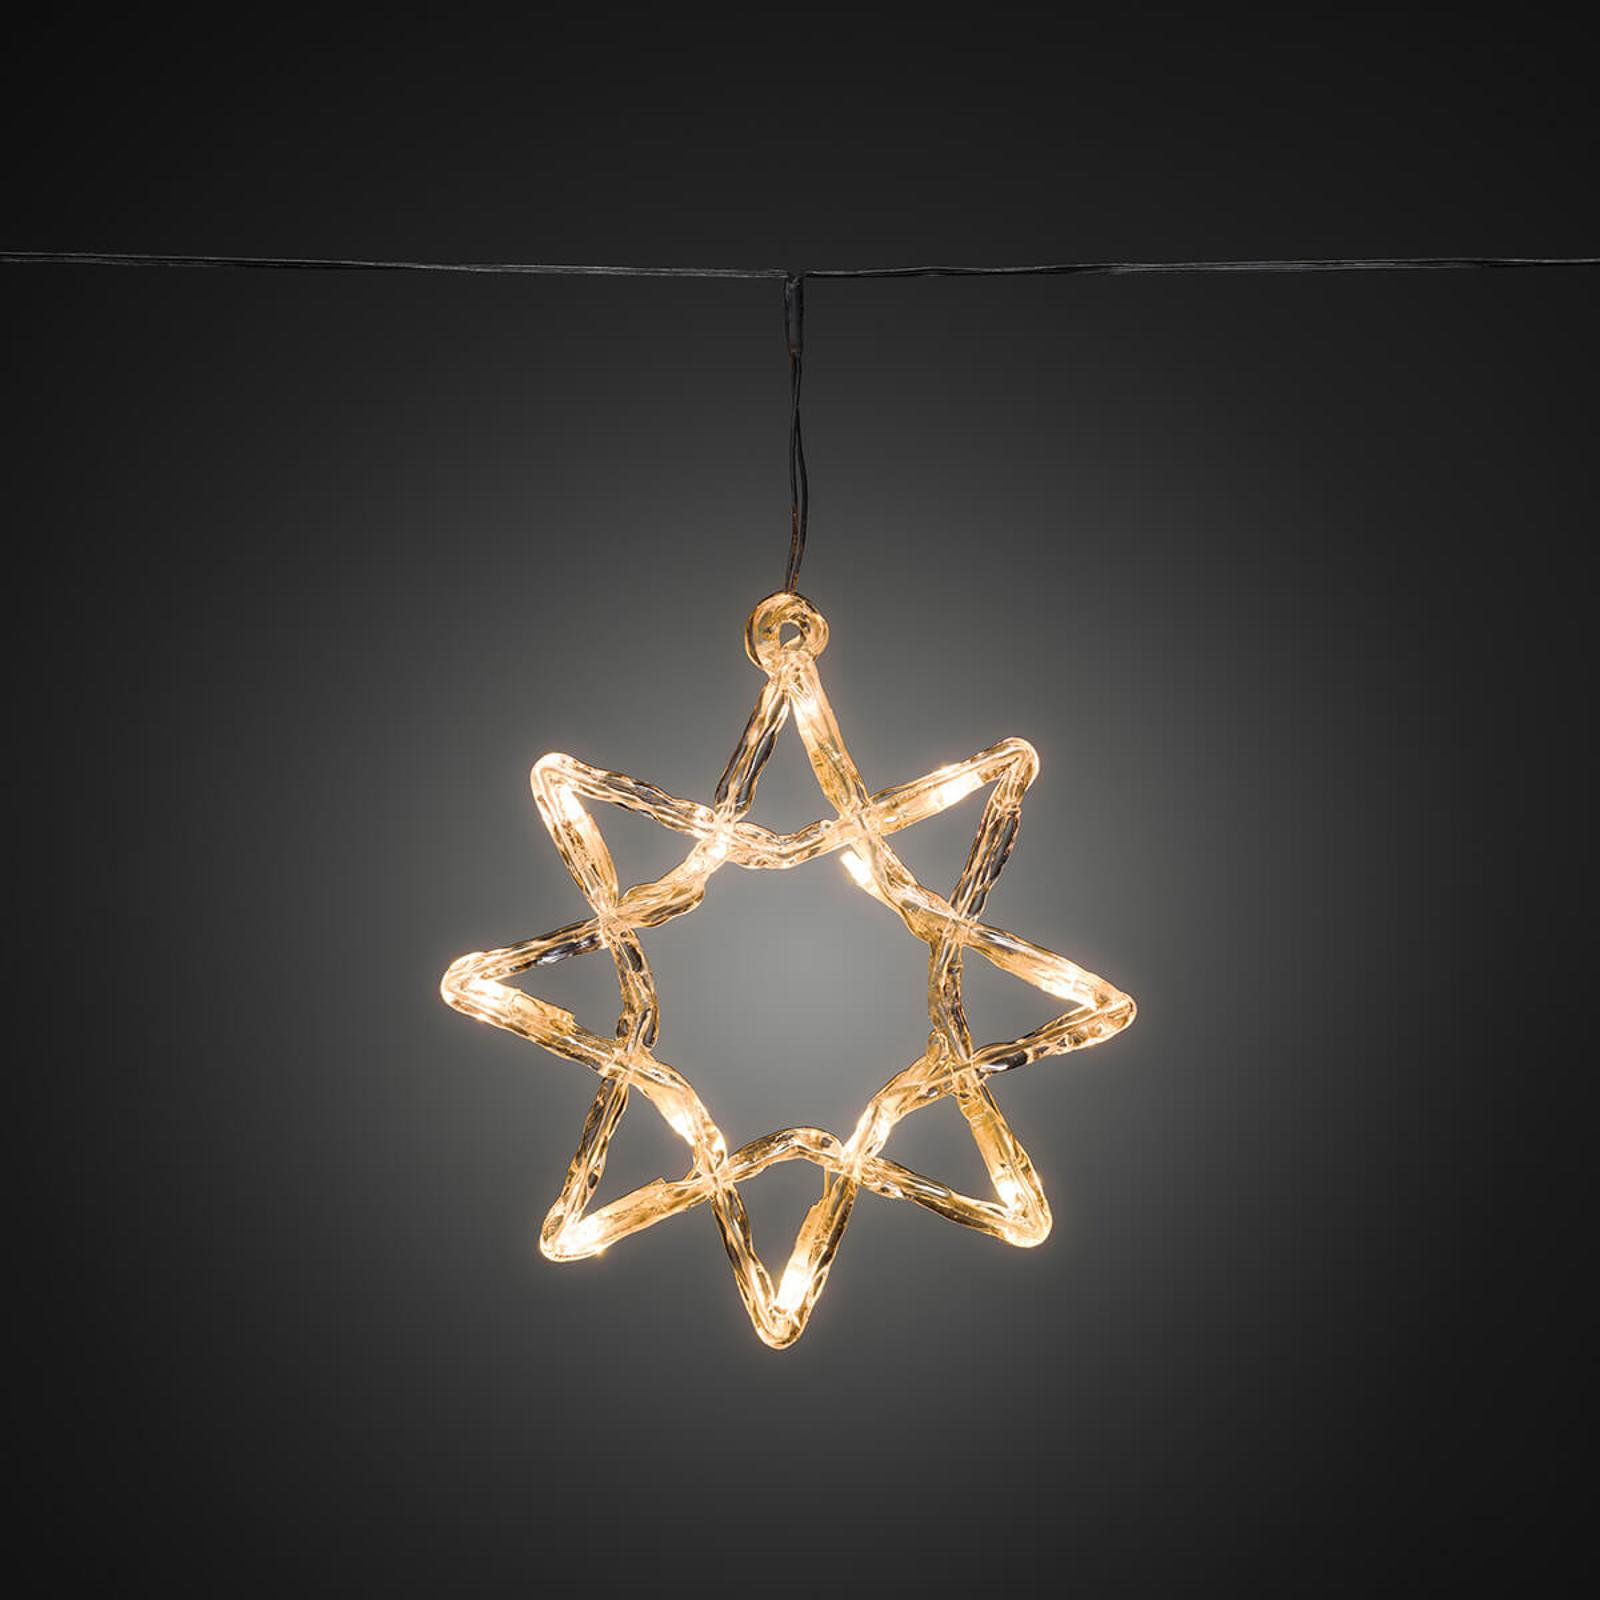 LED-Lichterkette 8-Zacker-Sterne